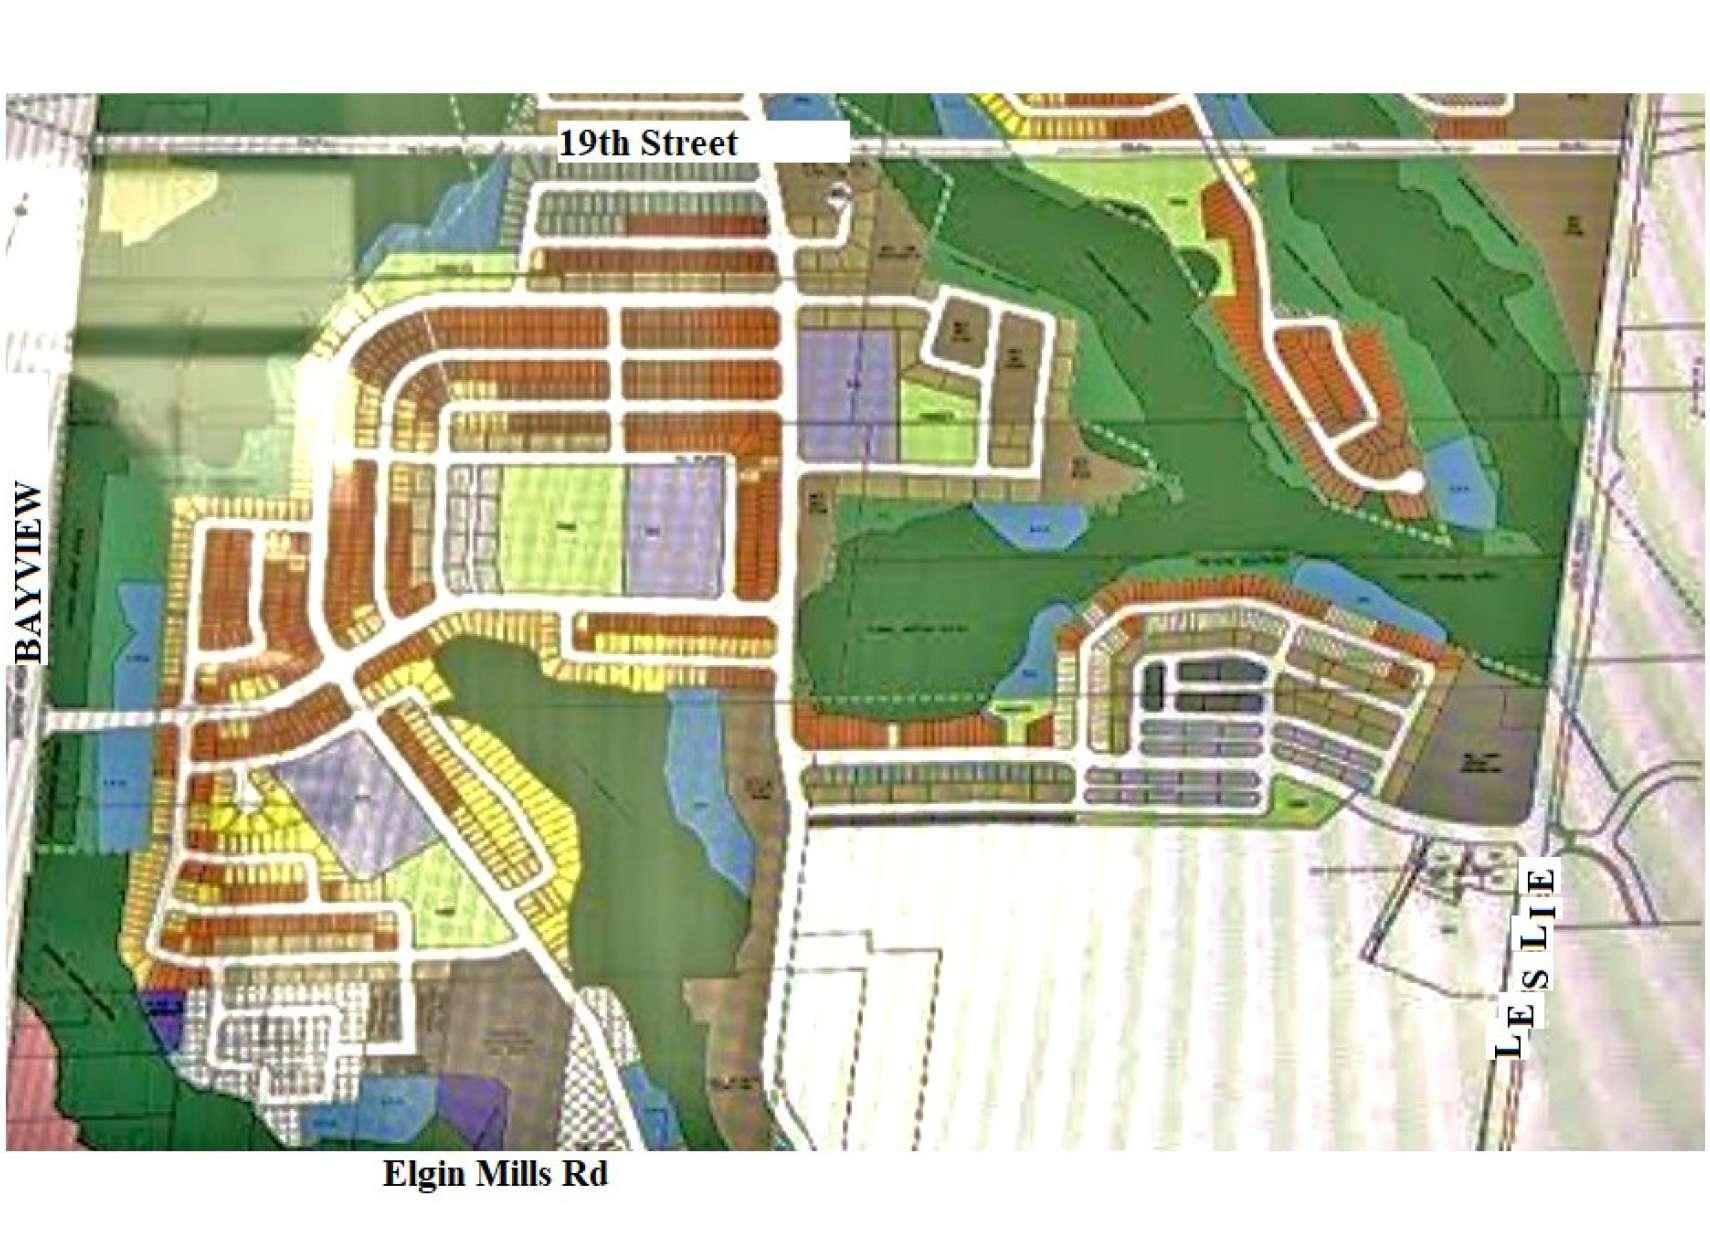 املاک-سیروسی-طرح-نوسازی-شهر-ریچموندهیل-و-معرفی-یک-پروژه-ممتاز